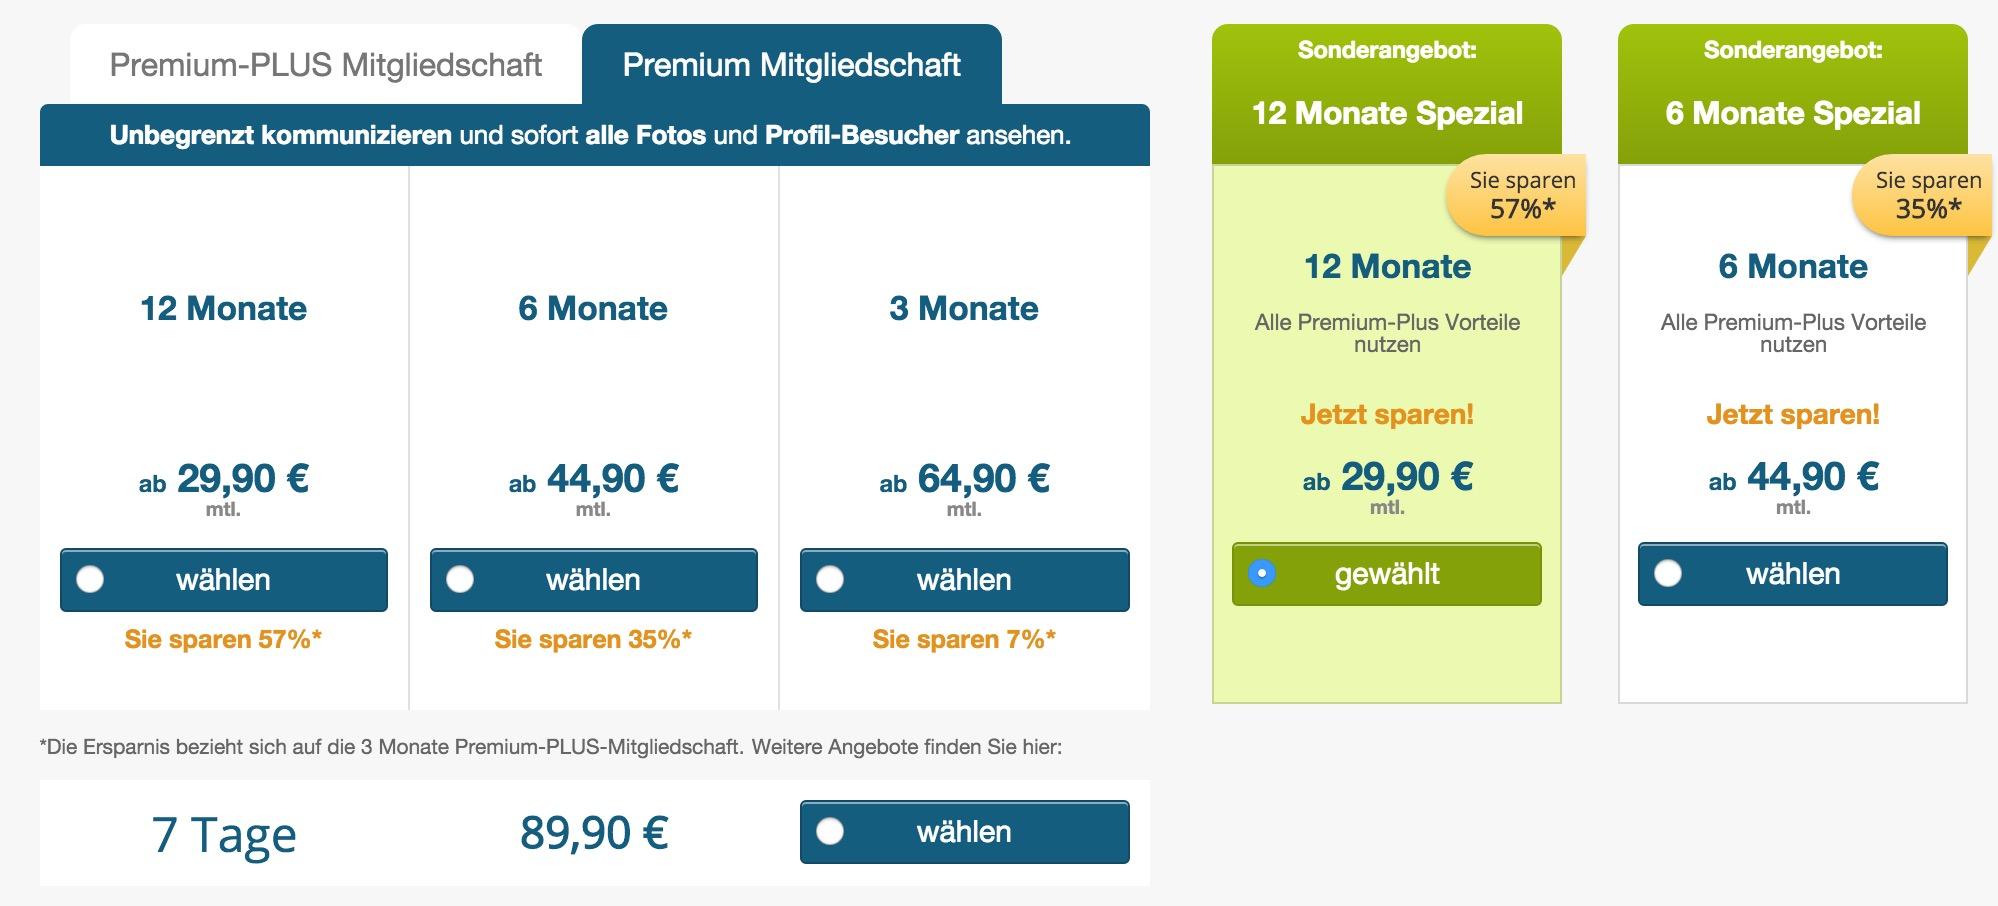 Preise und Kosten bei eDarling